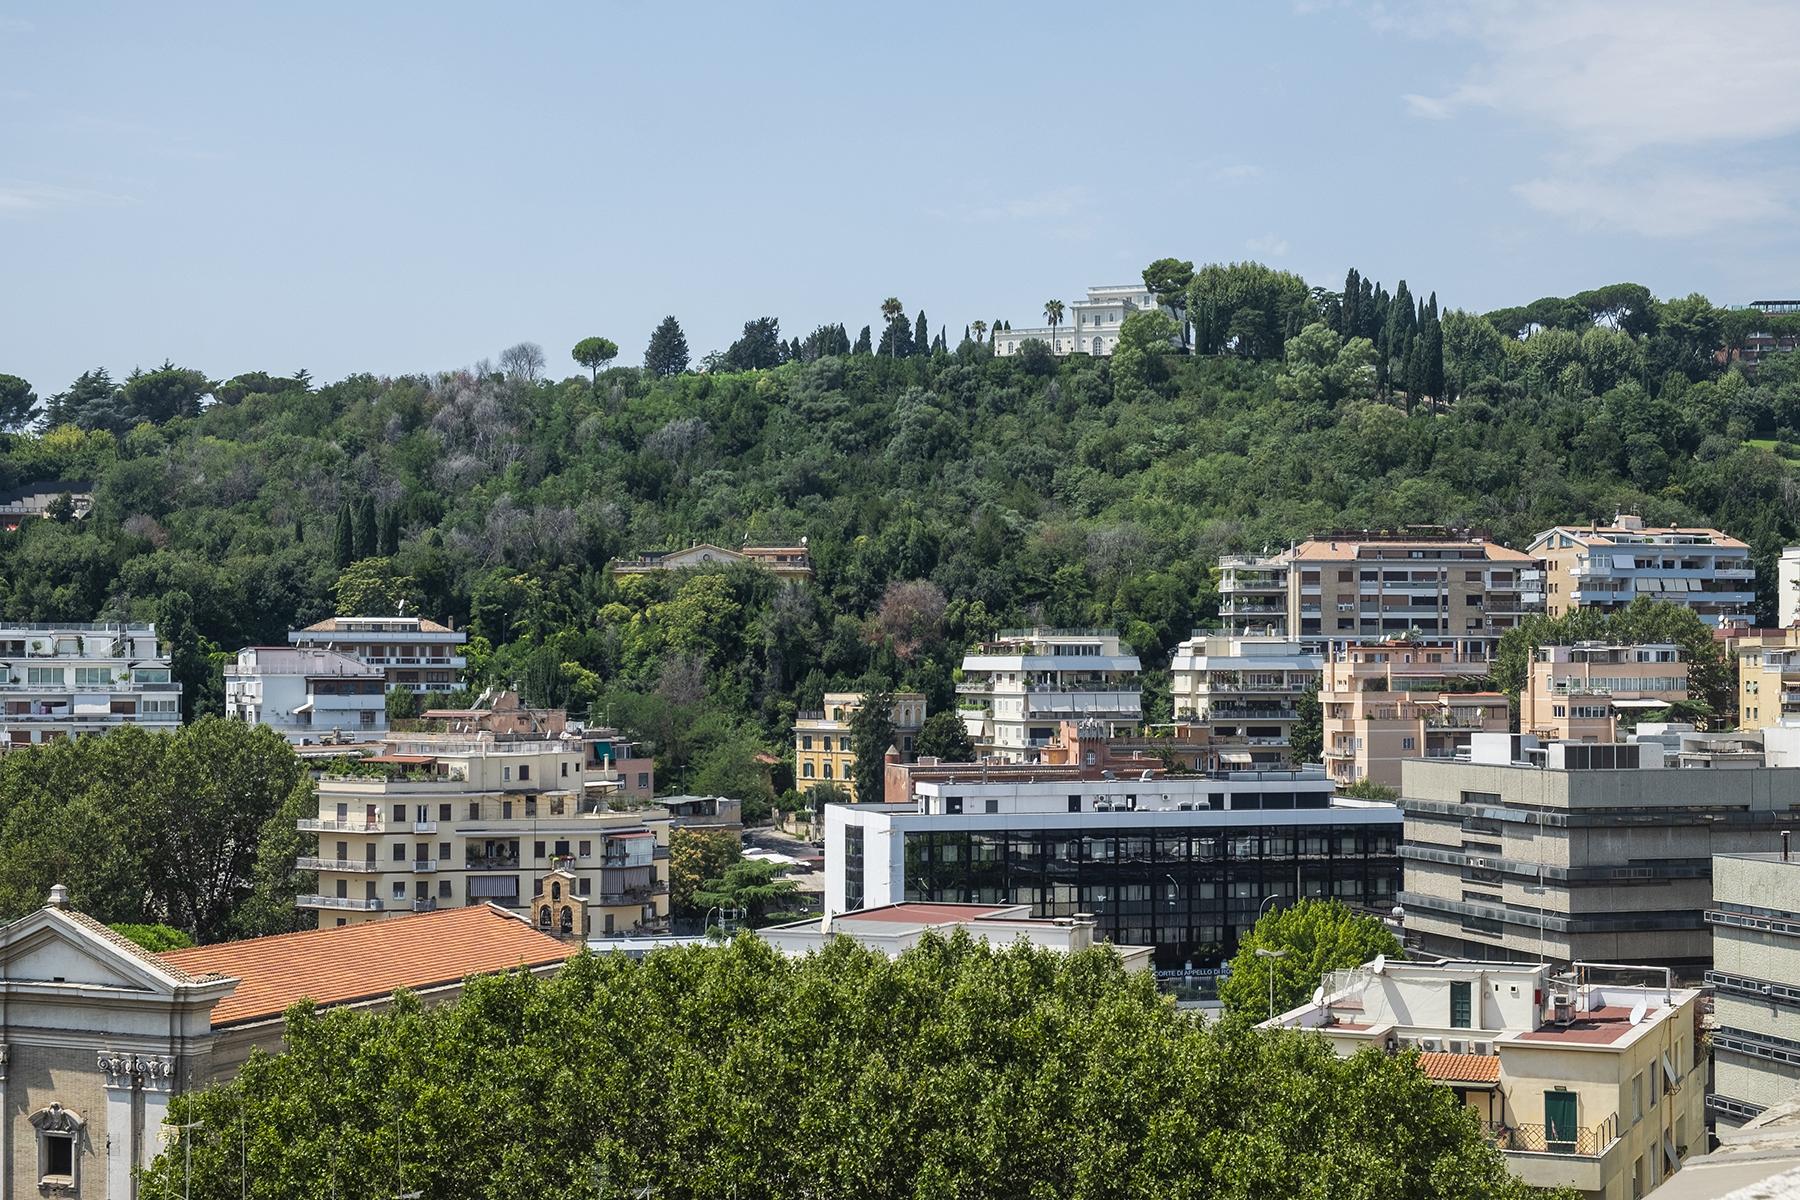 Appartamento in Vendita a Roma 06 Nuovo / Salario / Prati fiscali: 3 locali, 75 mq